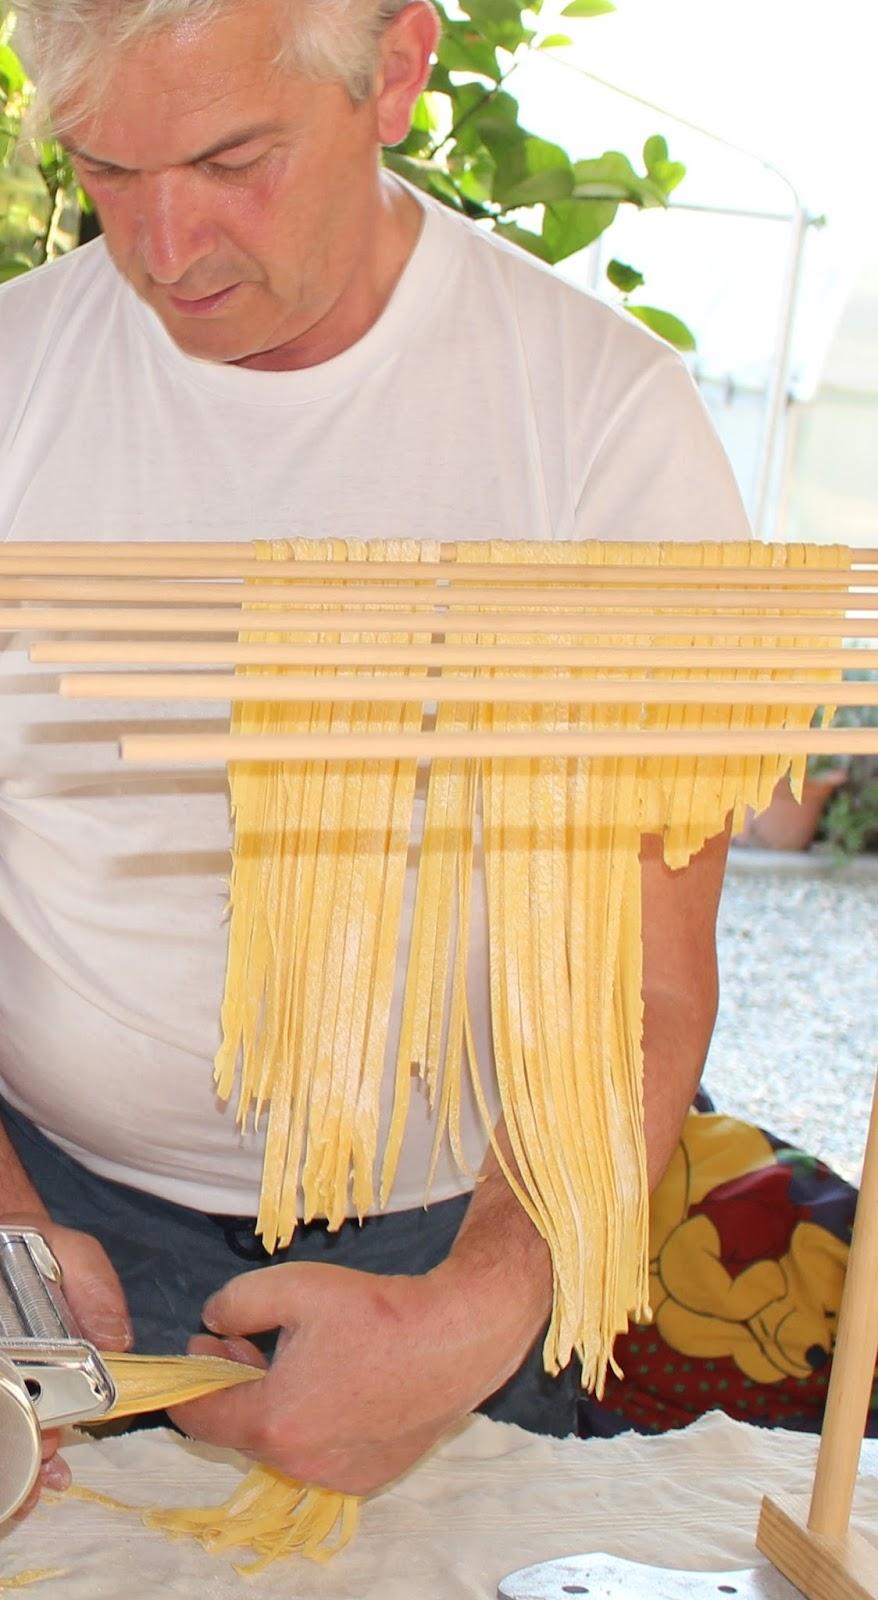 Cucina spartana pasta fatta in casa - Cucina fanpage facebook ...